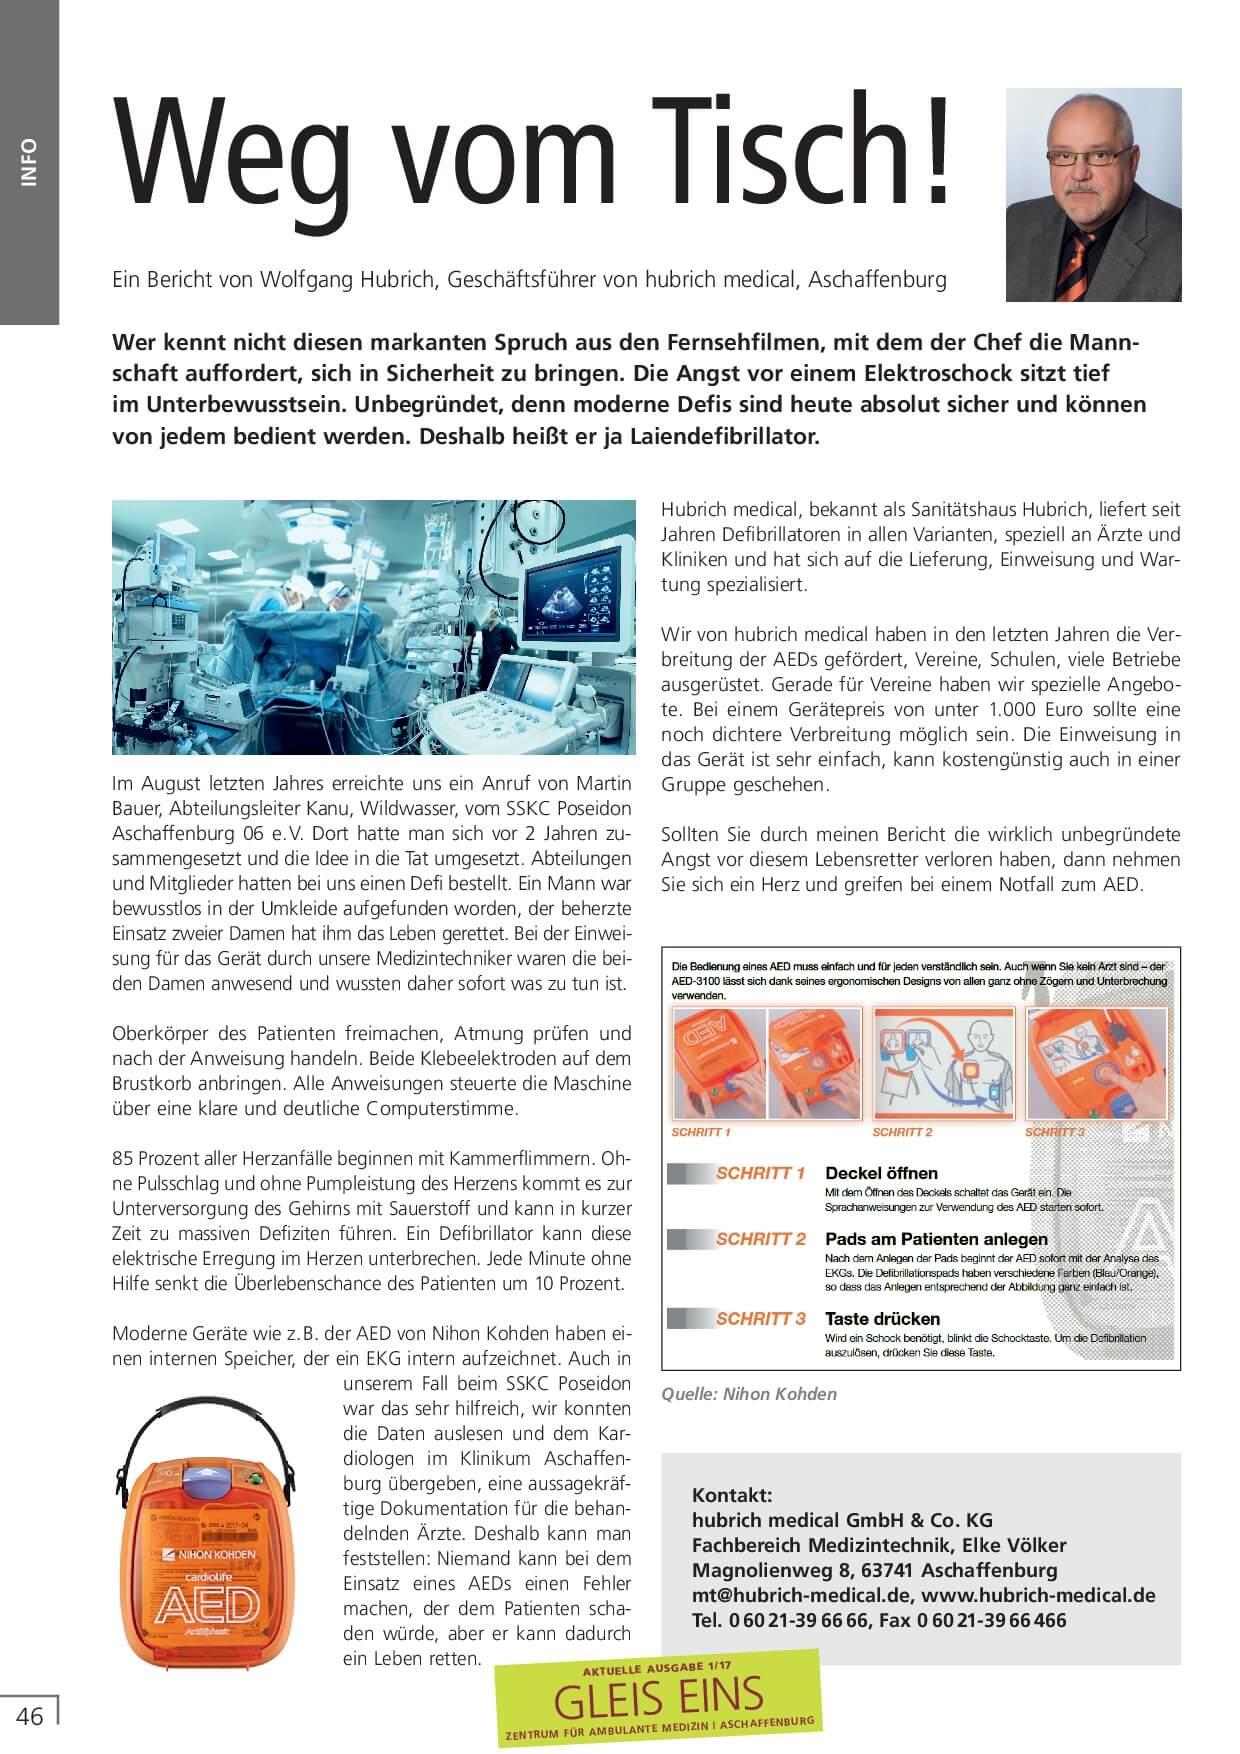 Druck Pdf 17 Ausg 01 2017 Hubrich 001 Hubrich Medical